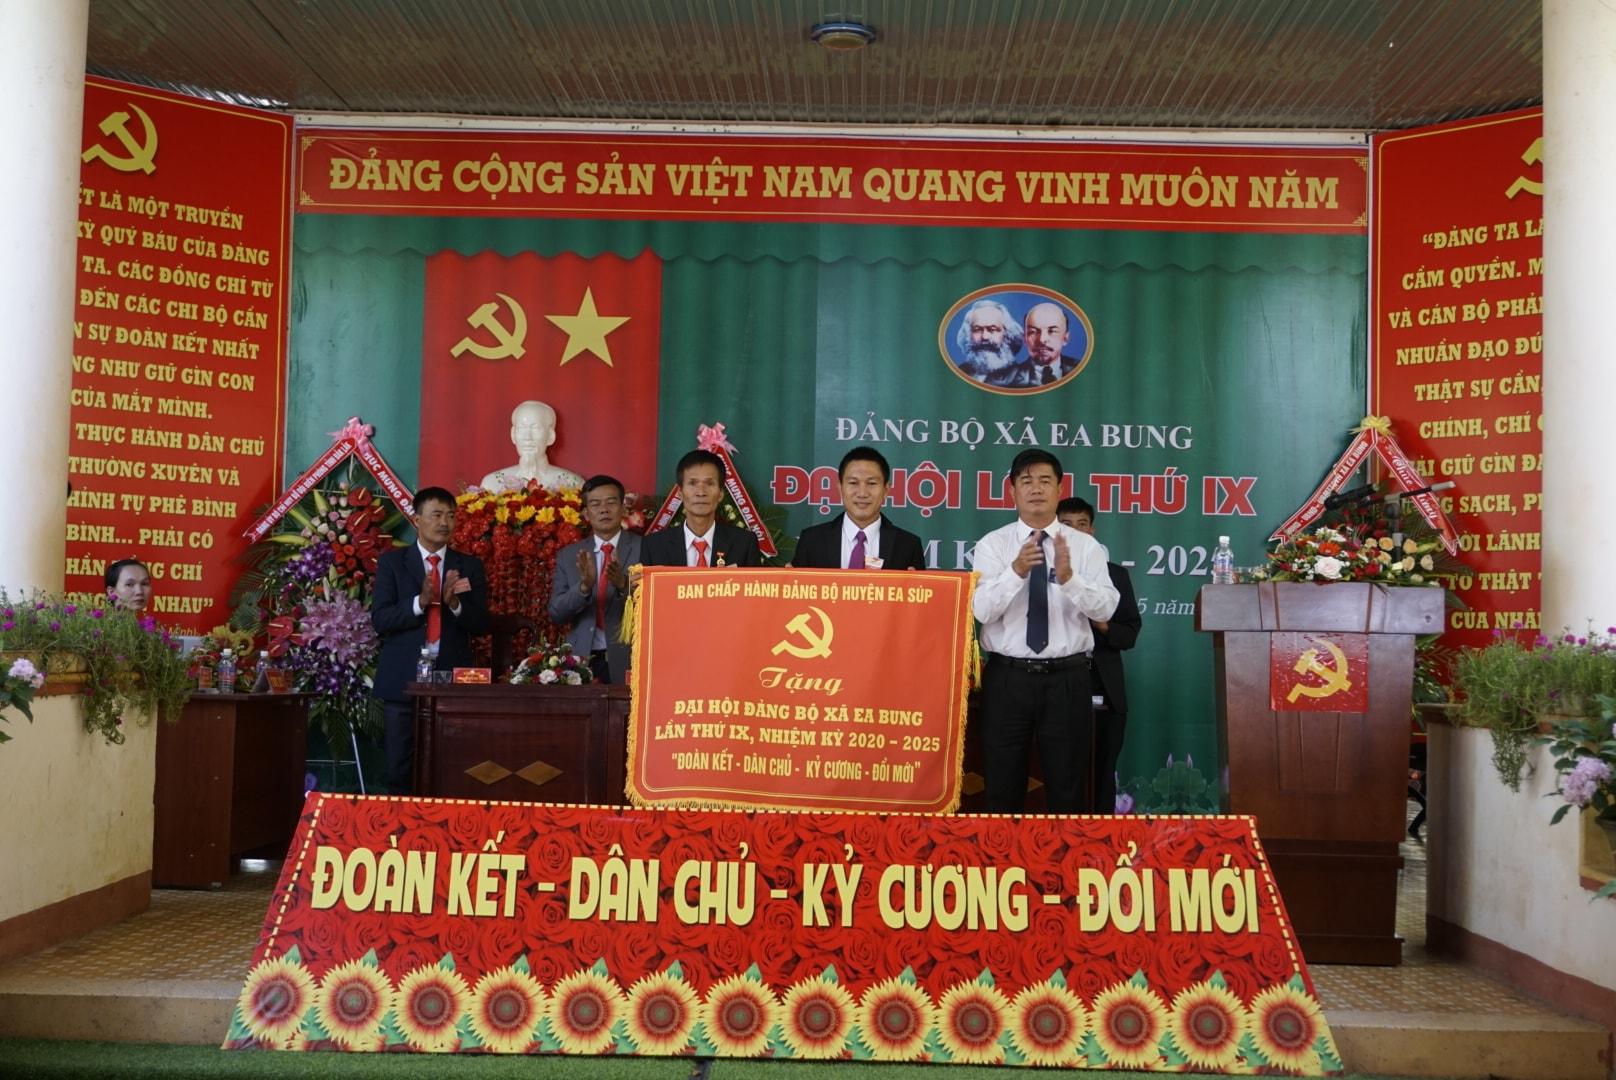 Đại hội điểm Đảng bộ xã Ea Bung nhiệm kỳ 2020-2025